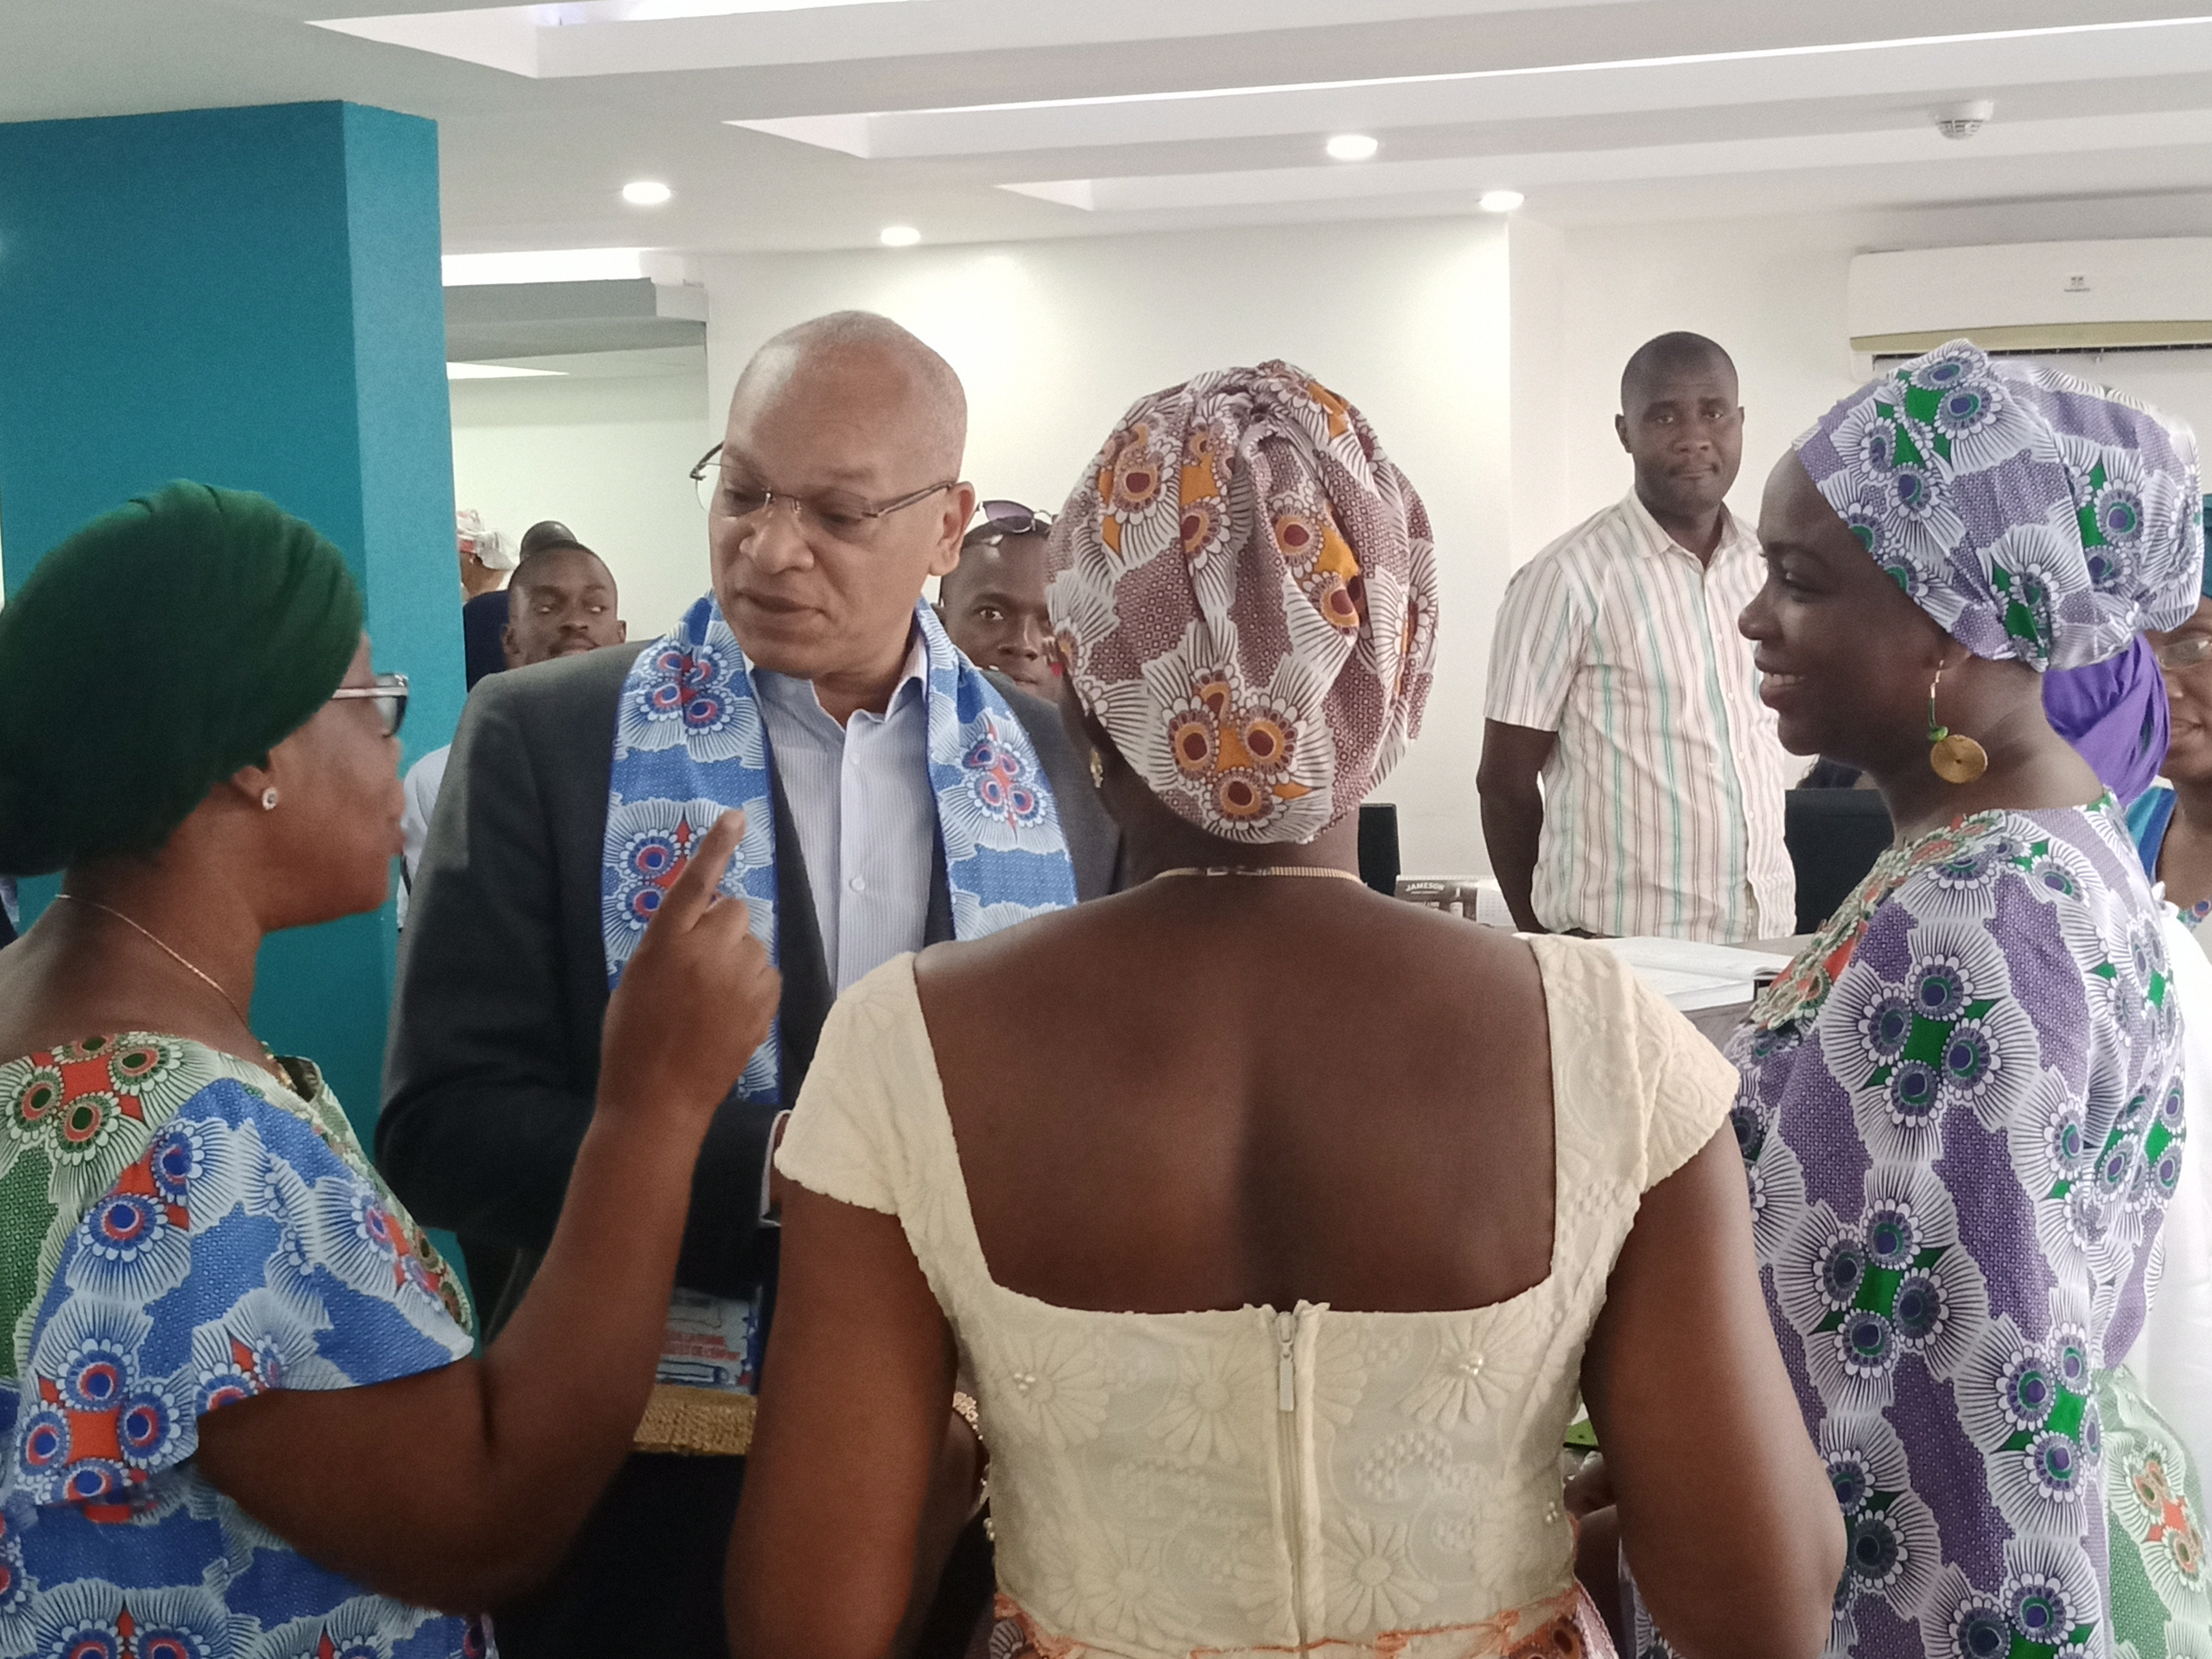 Côte d'Ivoire/Journée internationale de la femme : La polyclinique Indénié s'engage pour la promotion des droits de la femme